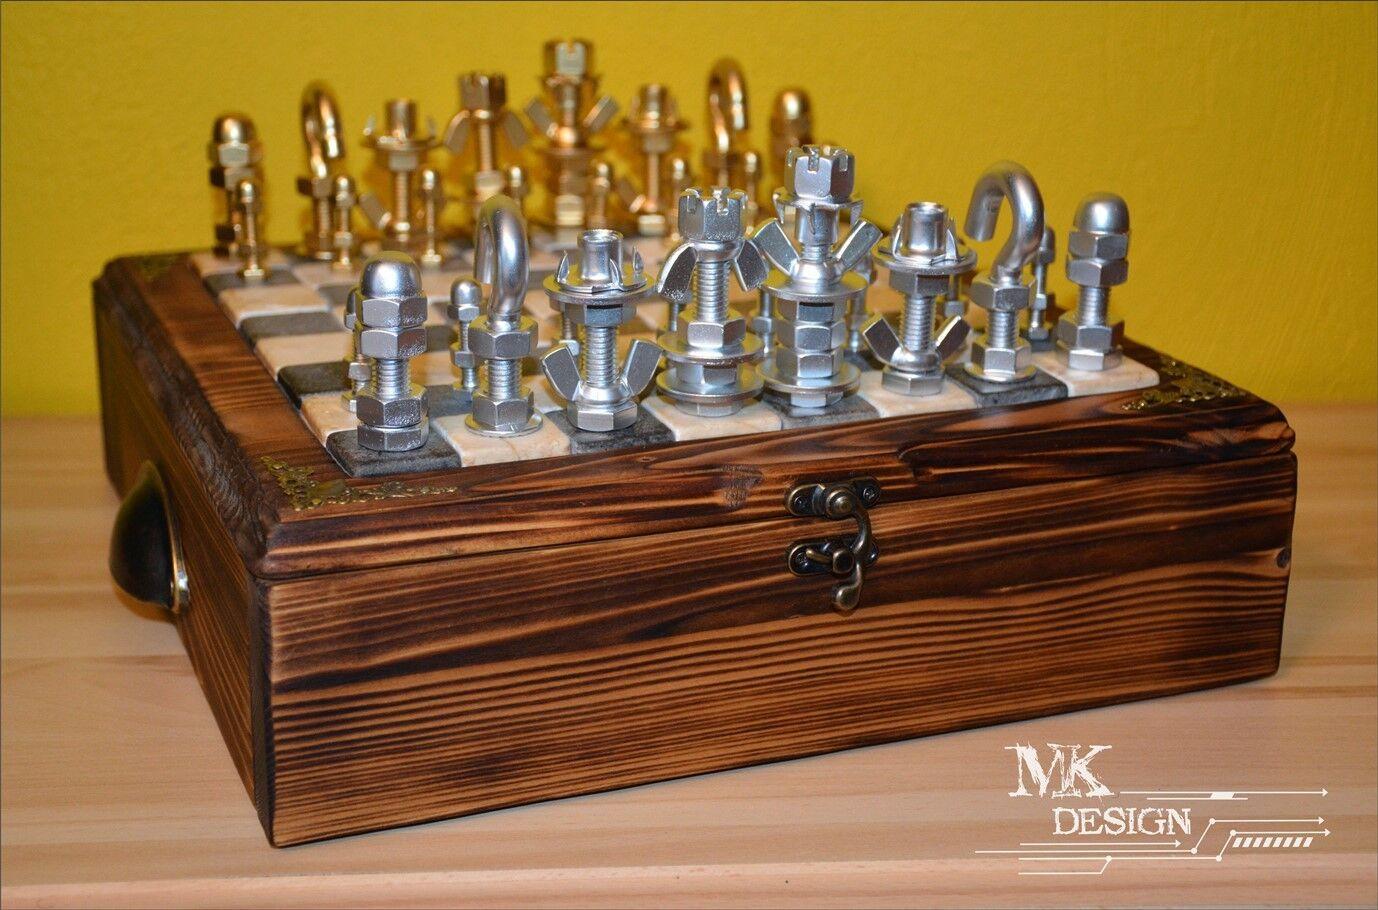 Unique Handmade Chess fait de  boulons et écrous  gros pas cher